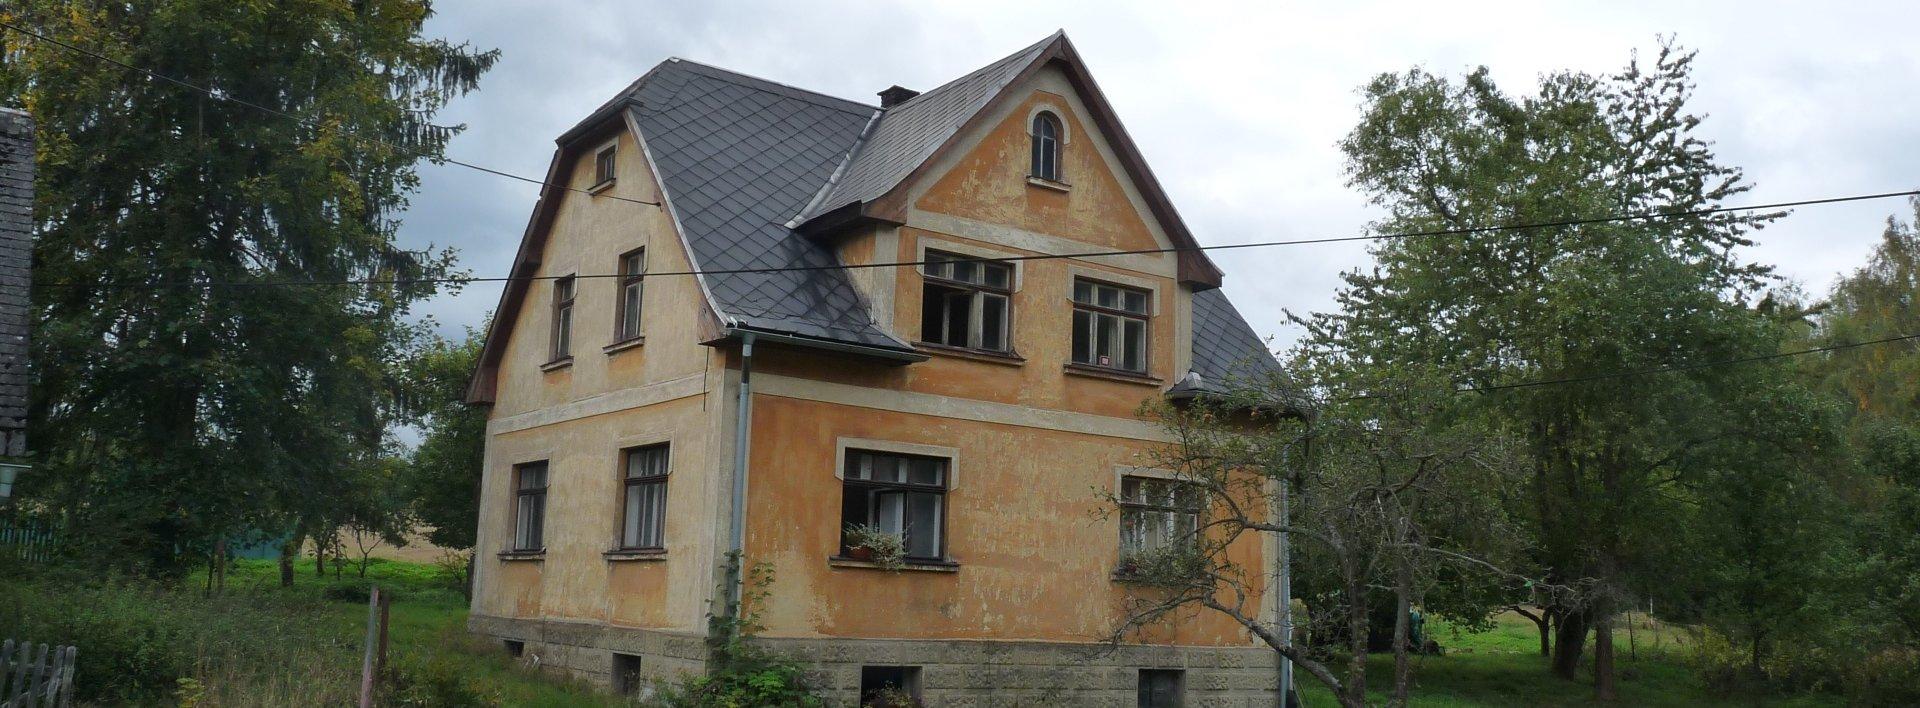 Exkluzivní nabídka prodeje rodinného domu v obci Rynoltice, Ev.č.: N48887